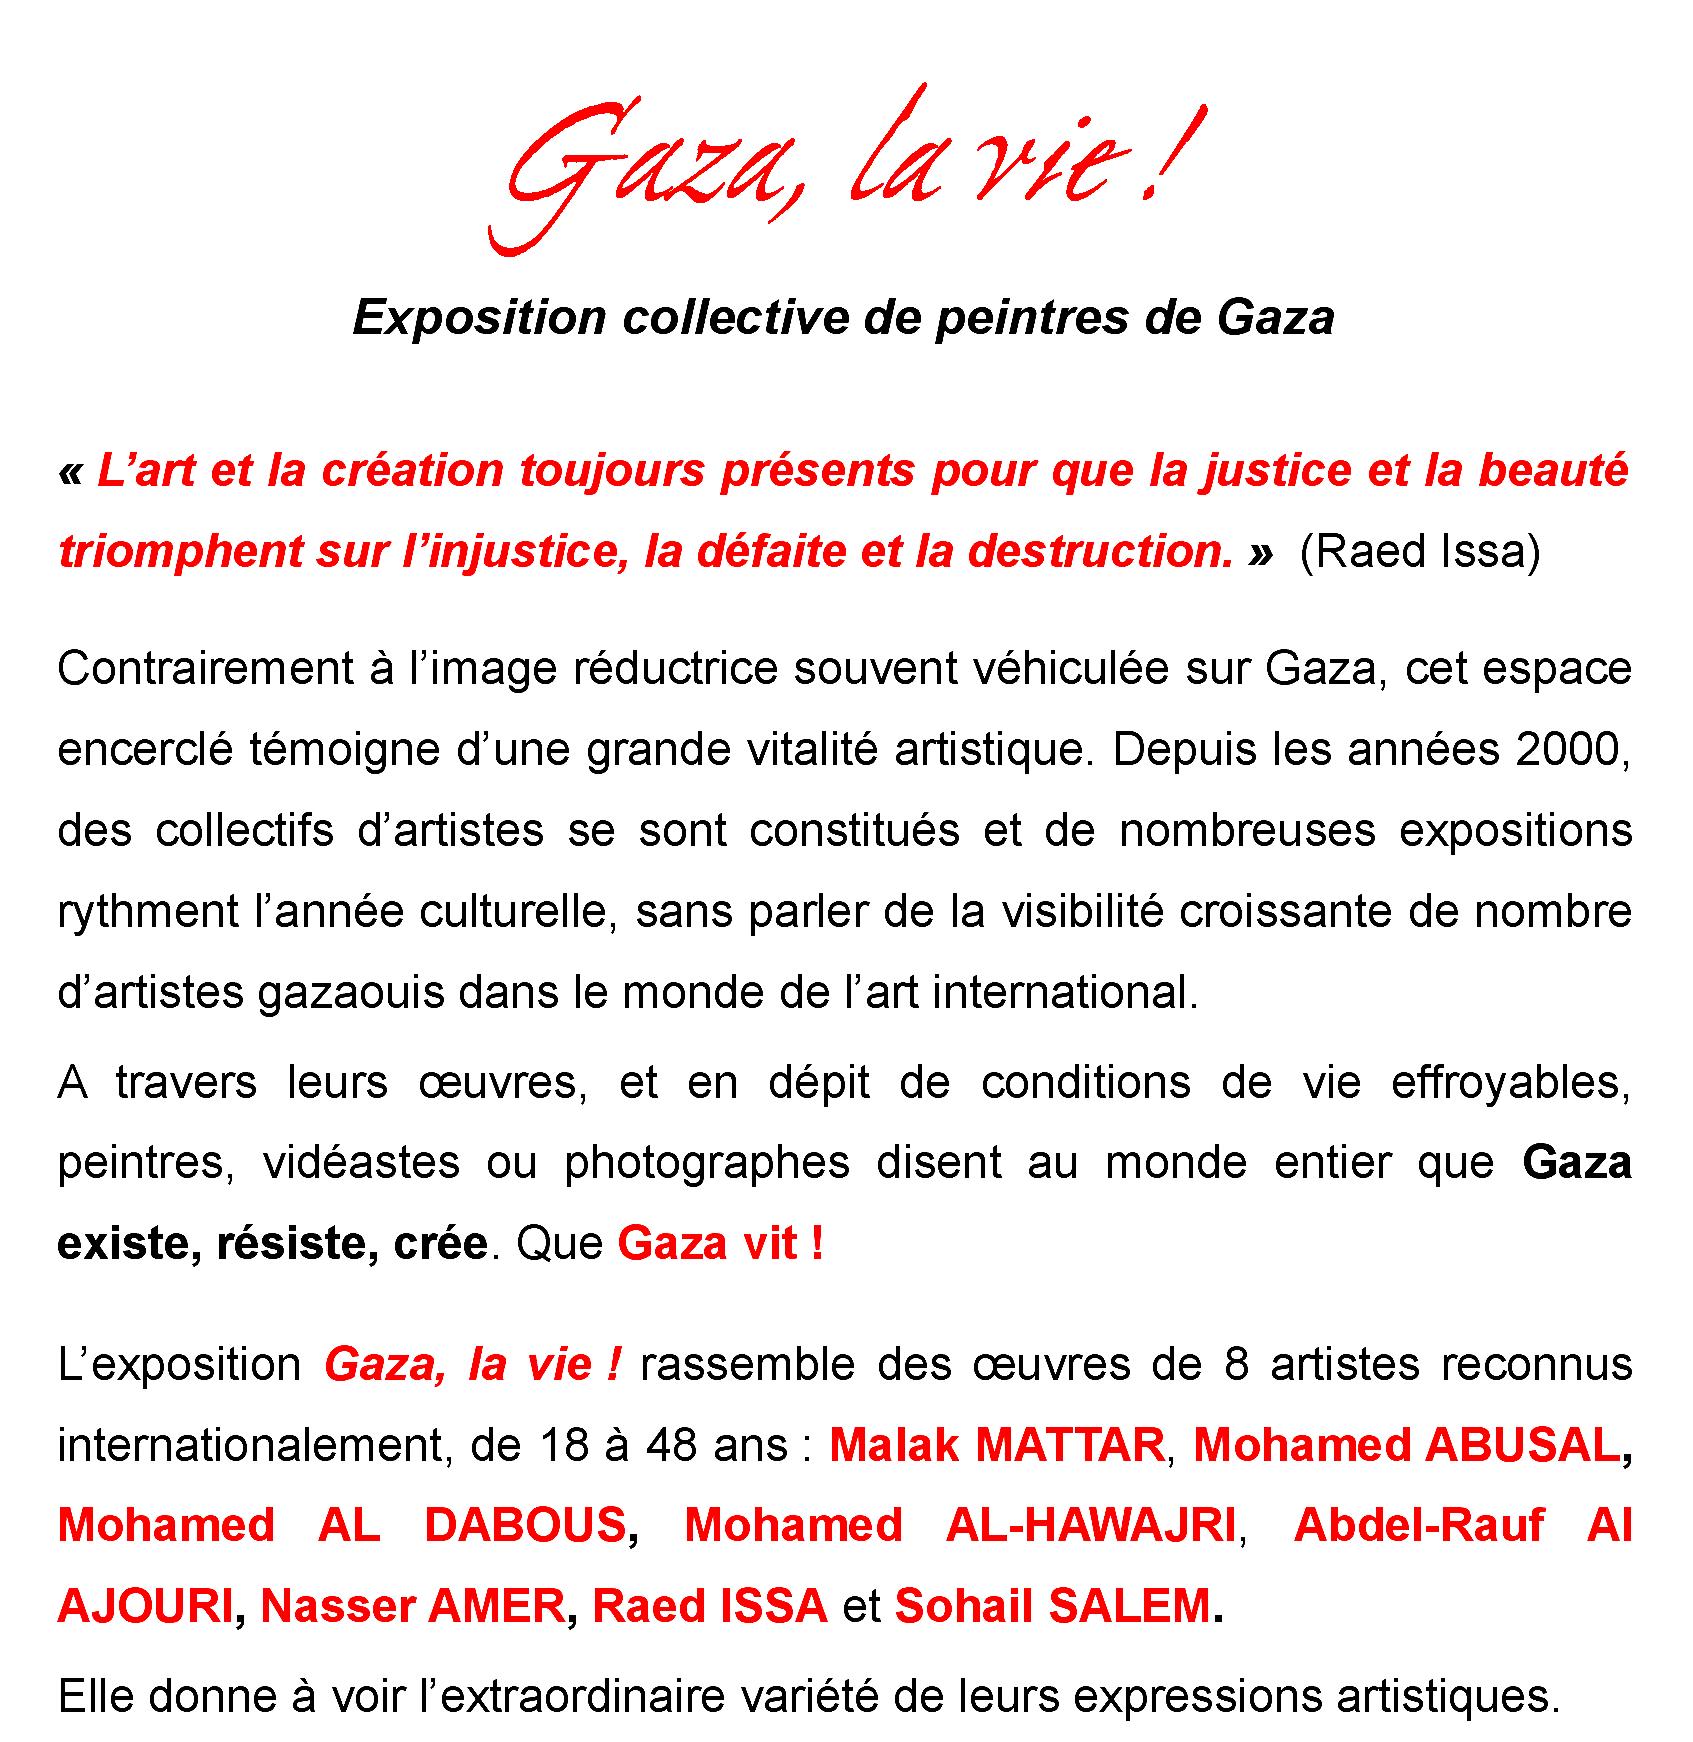 2018-06-12-Gazalavie-txt-V2-A5-impres